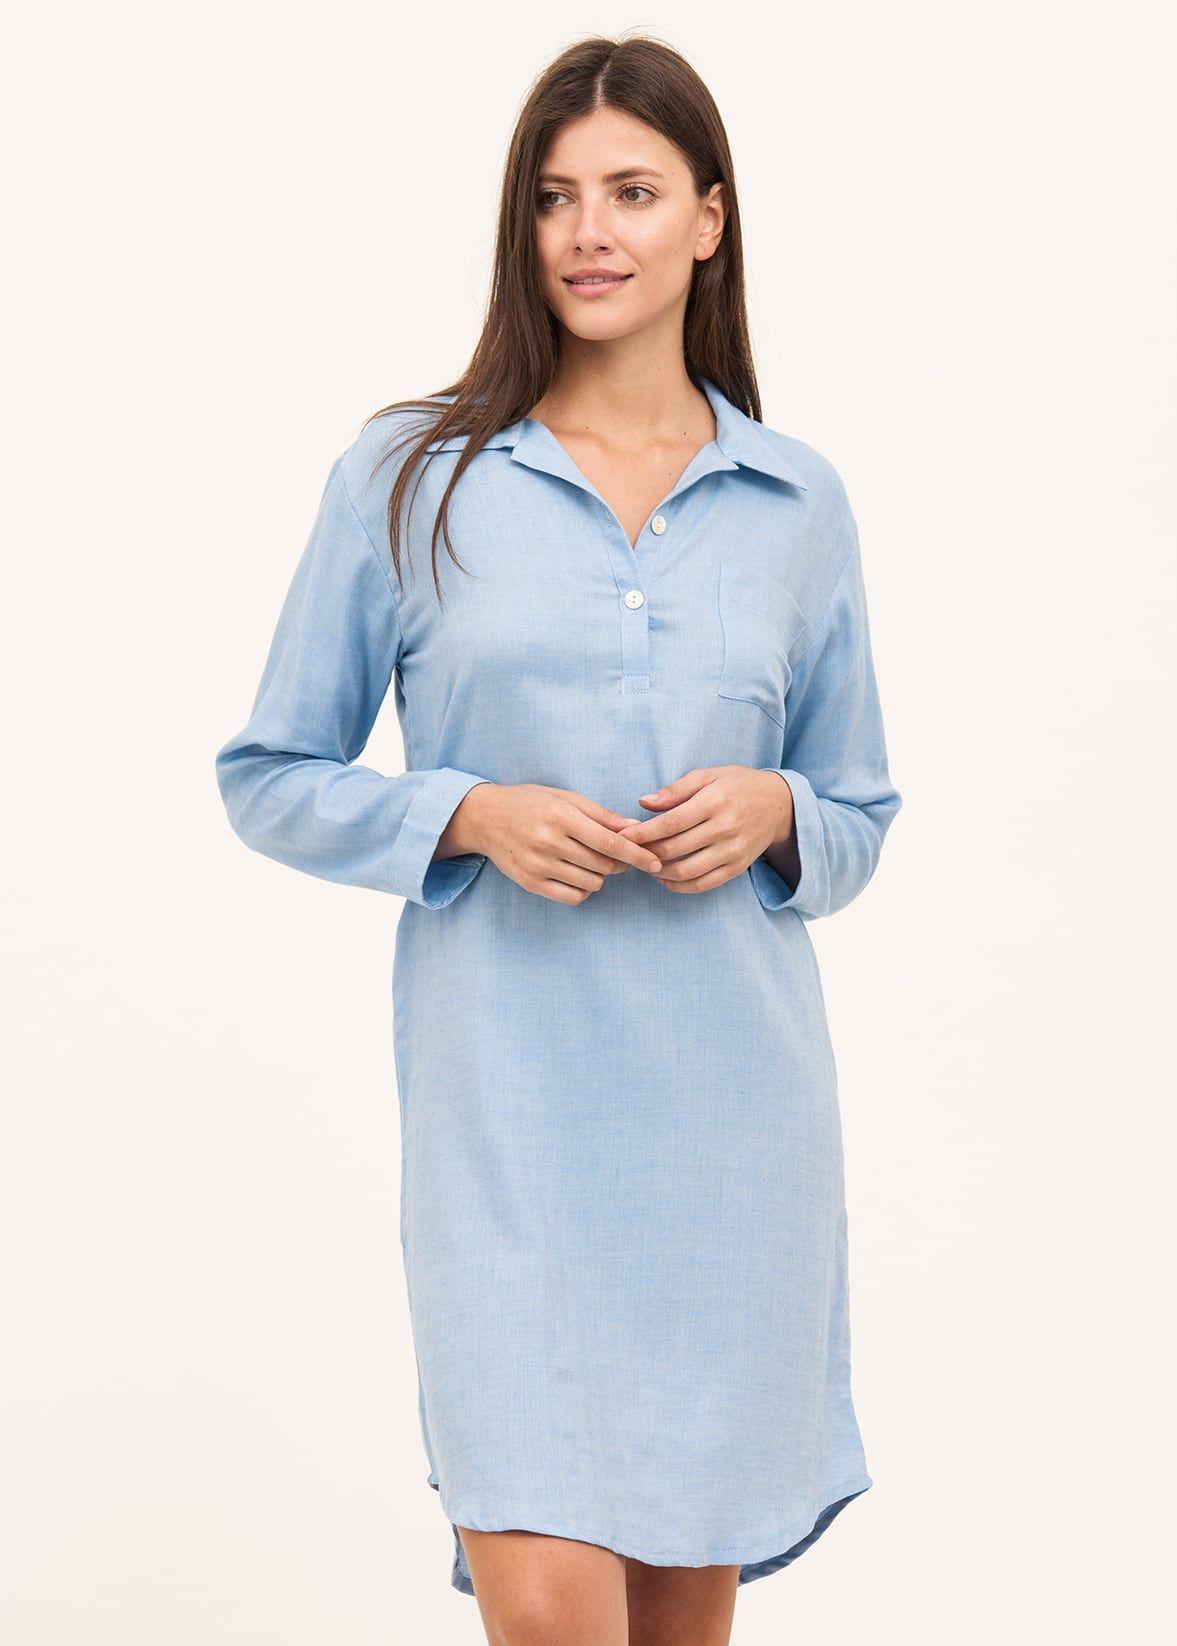 luxury cashmere nightshirt in blue herringbone 3fe93a2db